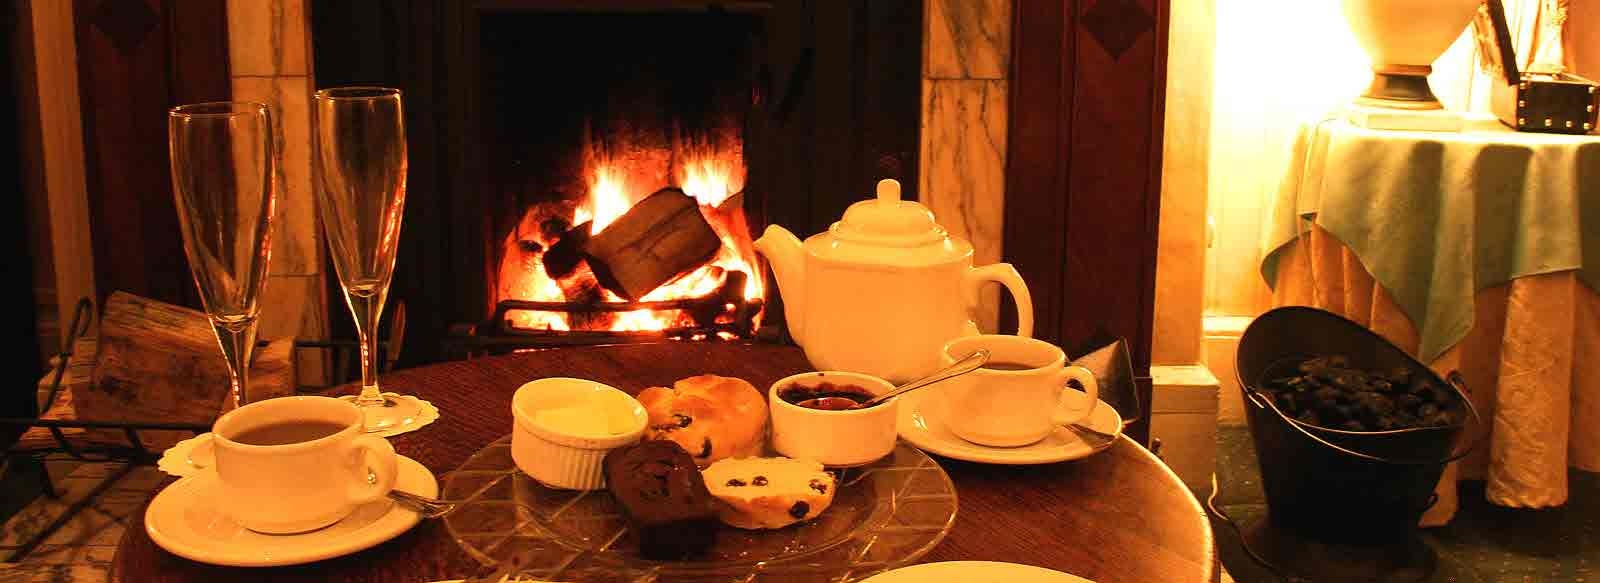 tea by hotel fire